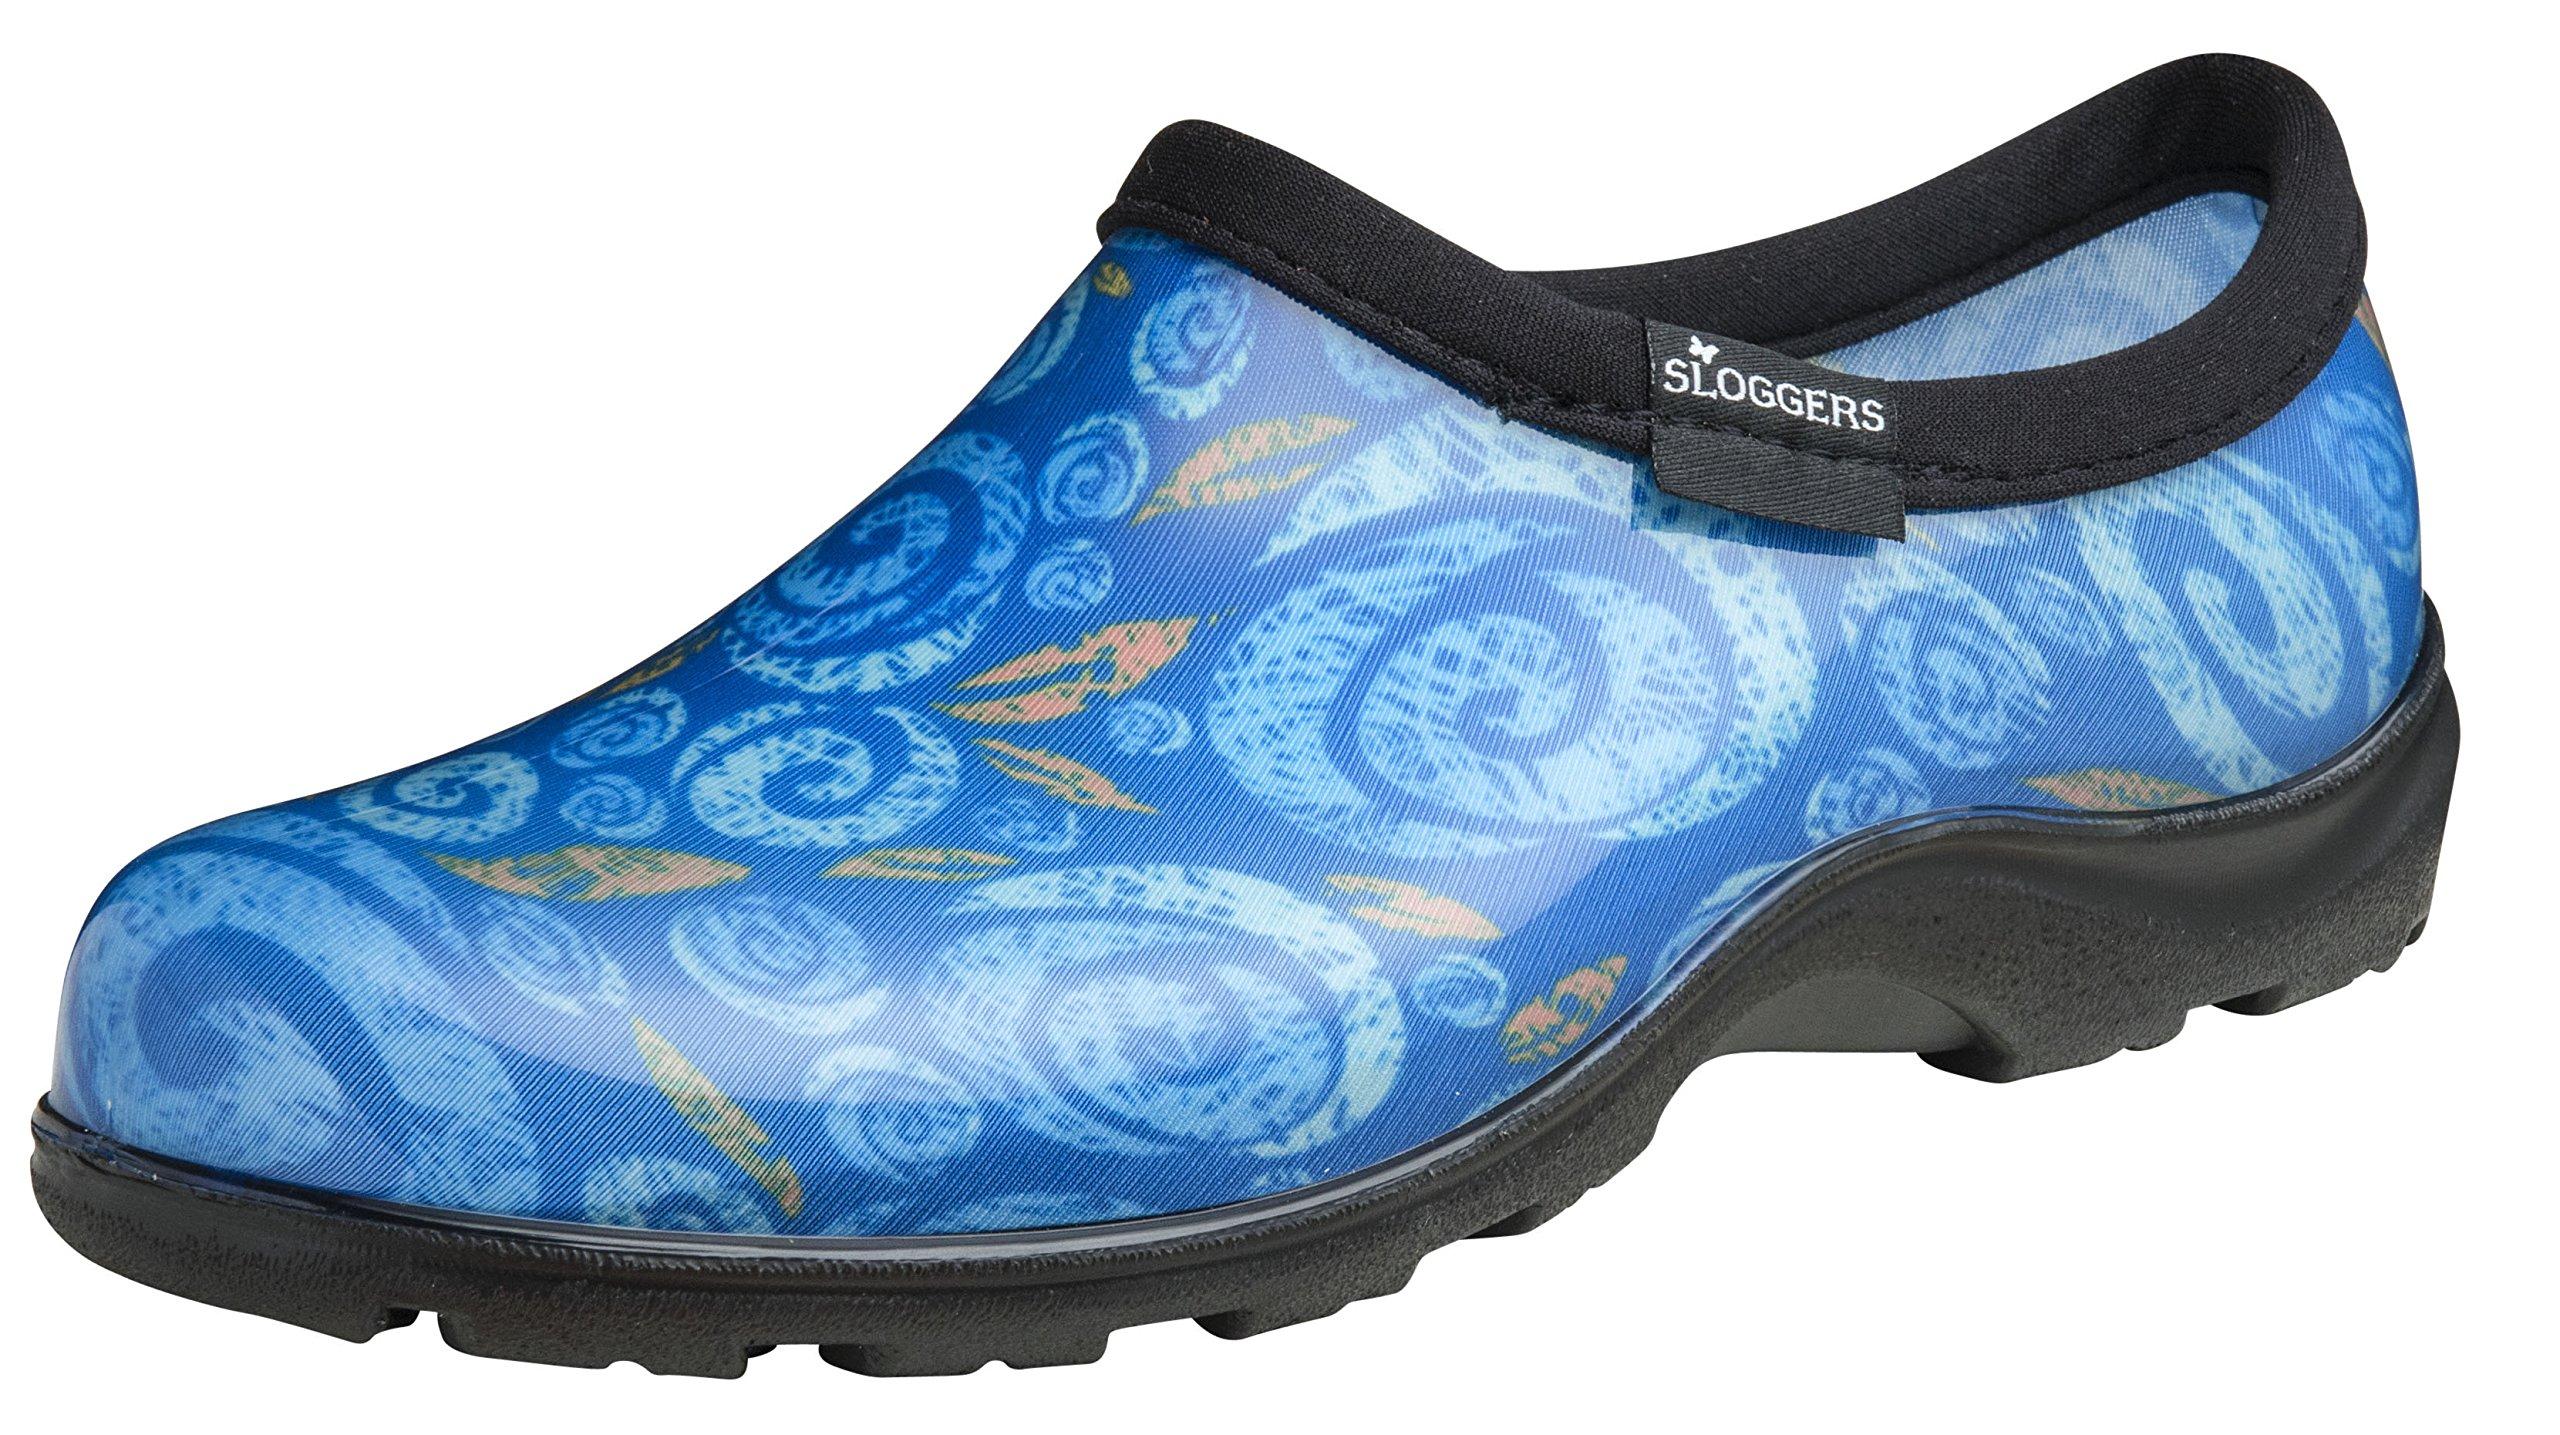 Wo/'s Size7,Black//White Polka Dot Print Sloggers 5113BP07 Rain/&Garden Shoe